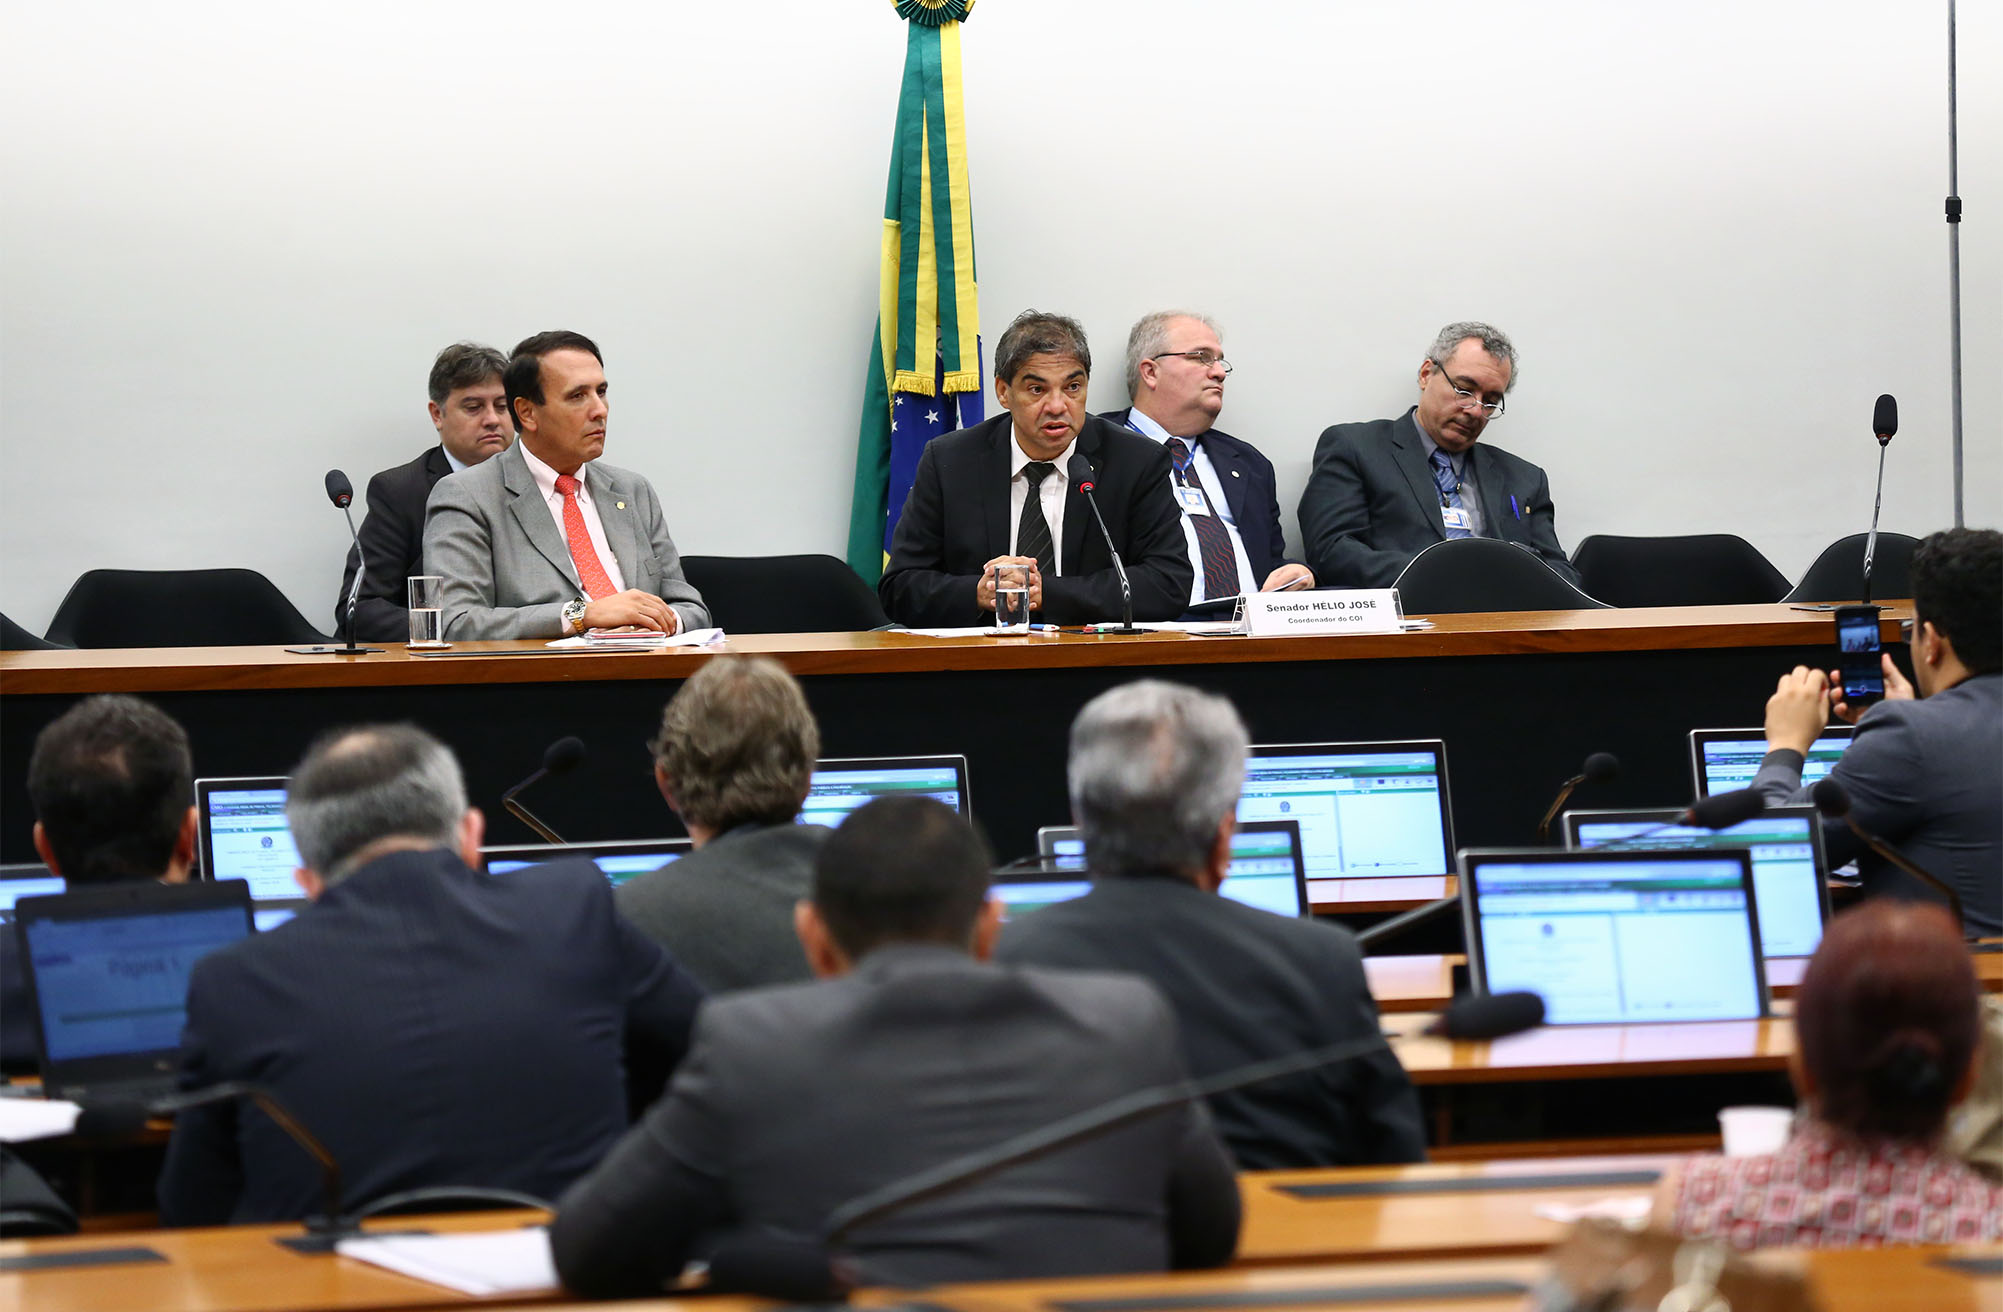 Audiência pública sobre as Obras e Serviços com Indícios de Irregularidades Graves do Projeto de Lei Orçamentária Anual de 2018